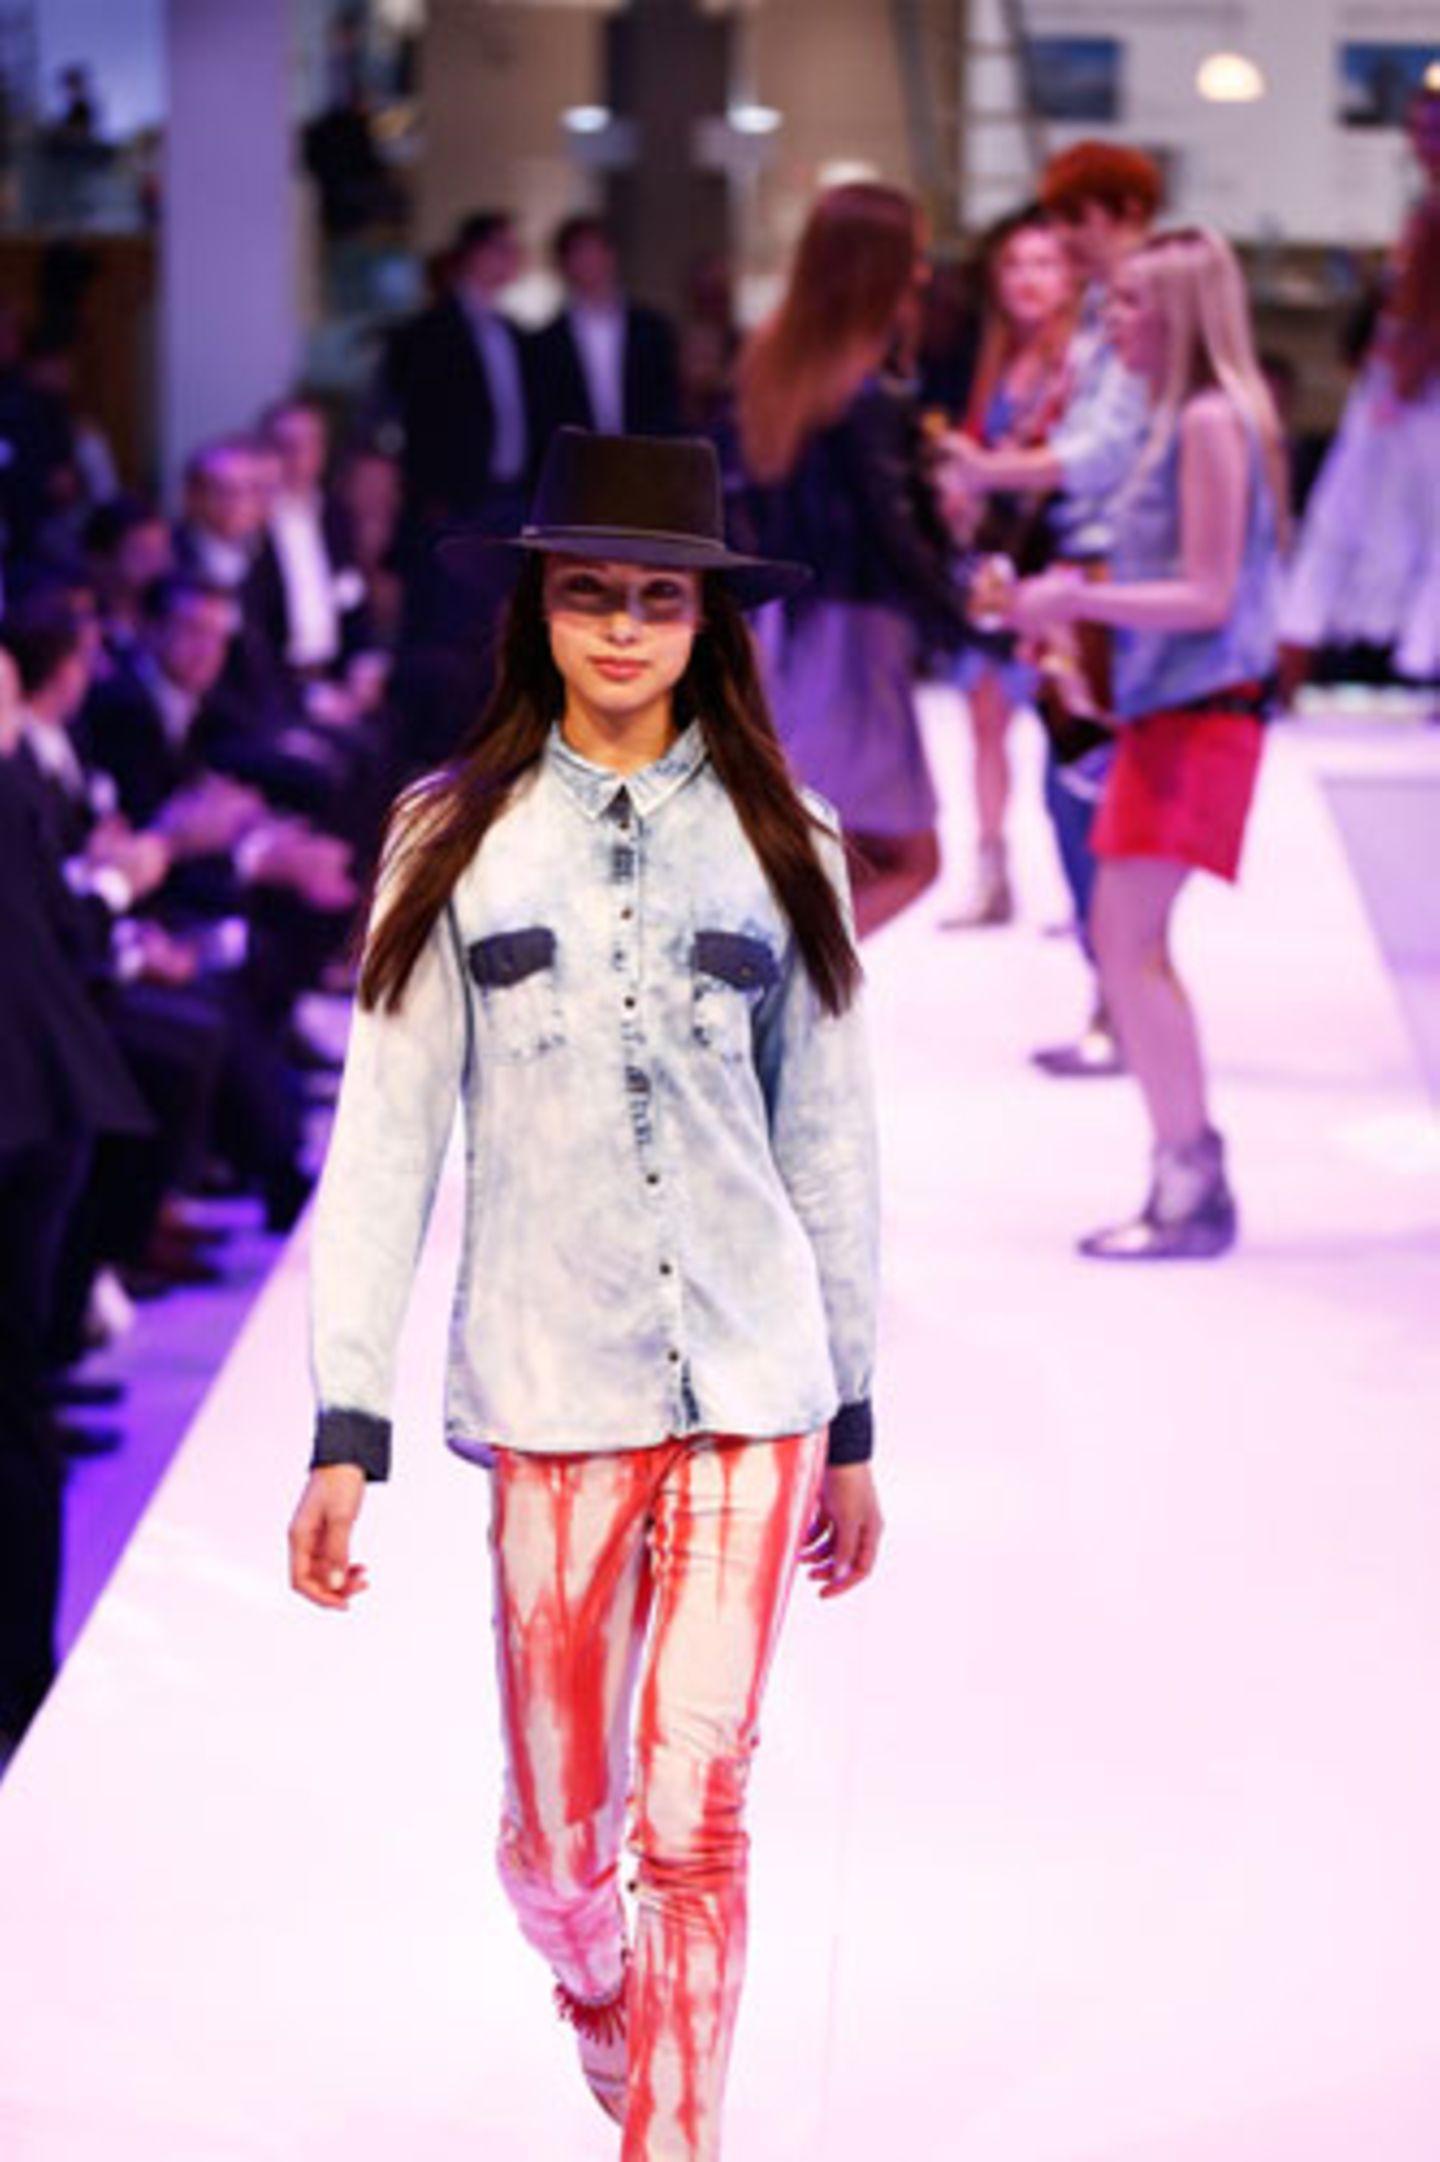 Zur Musterhose von Glaw kombinieren wir eine Jeansbluse von Only. Hut: Stetson. Schuhe: Tamaris.